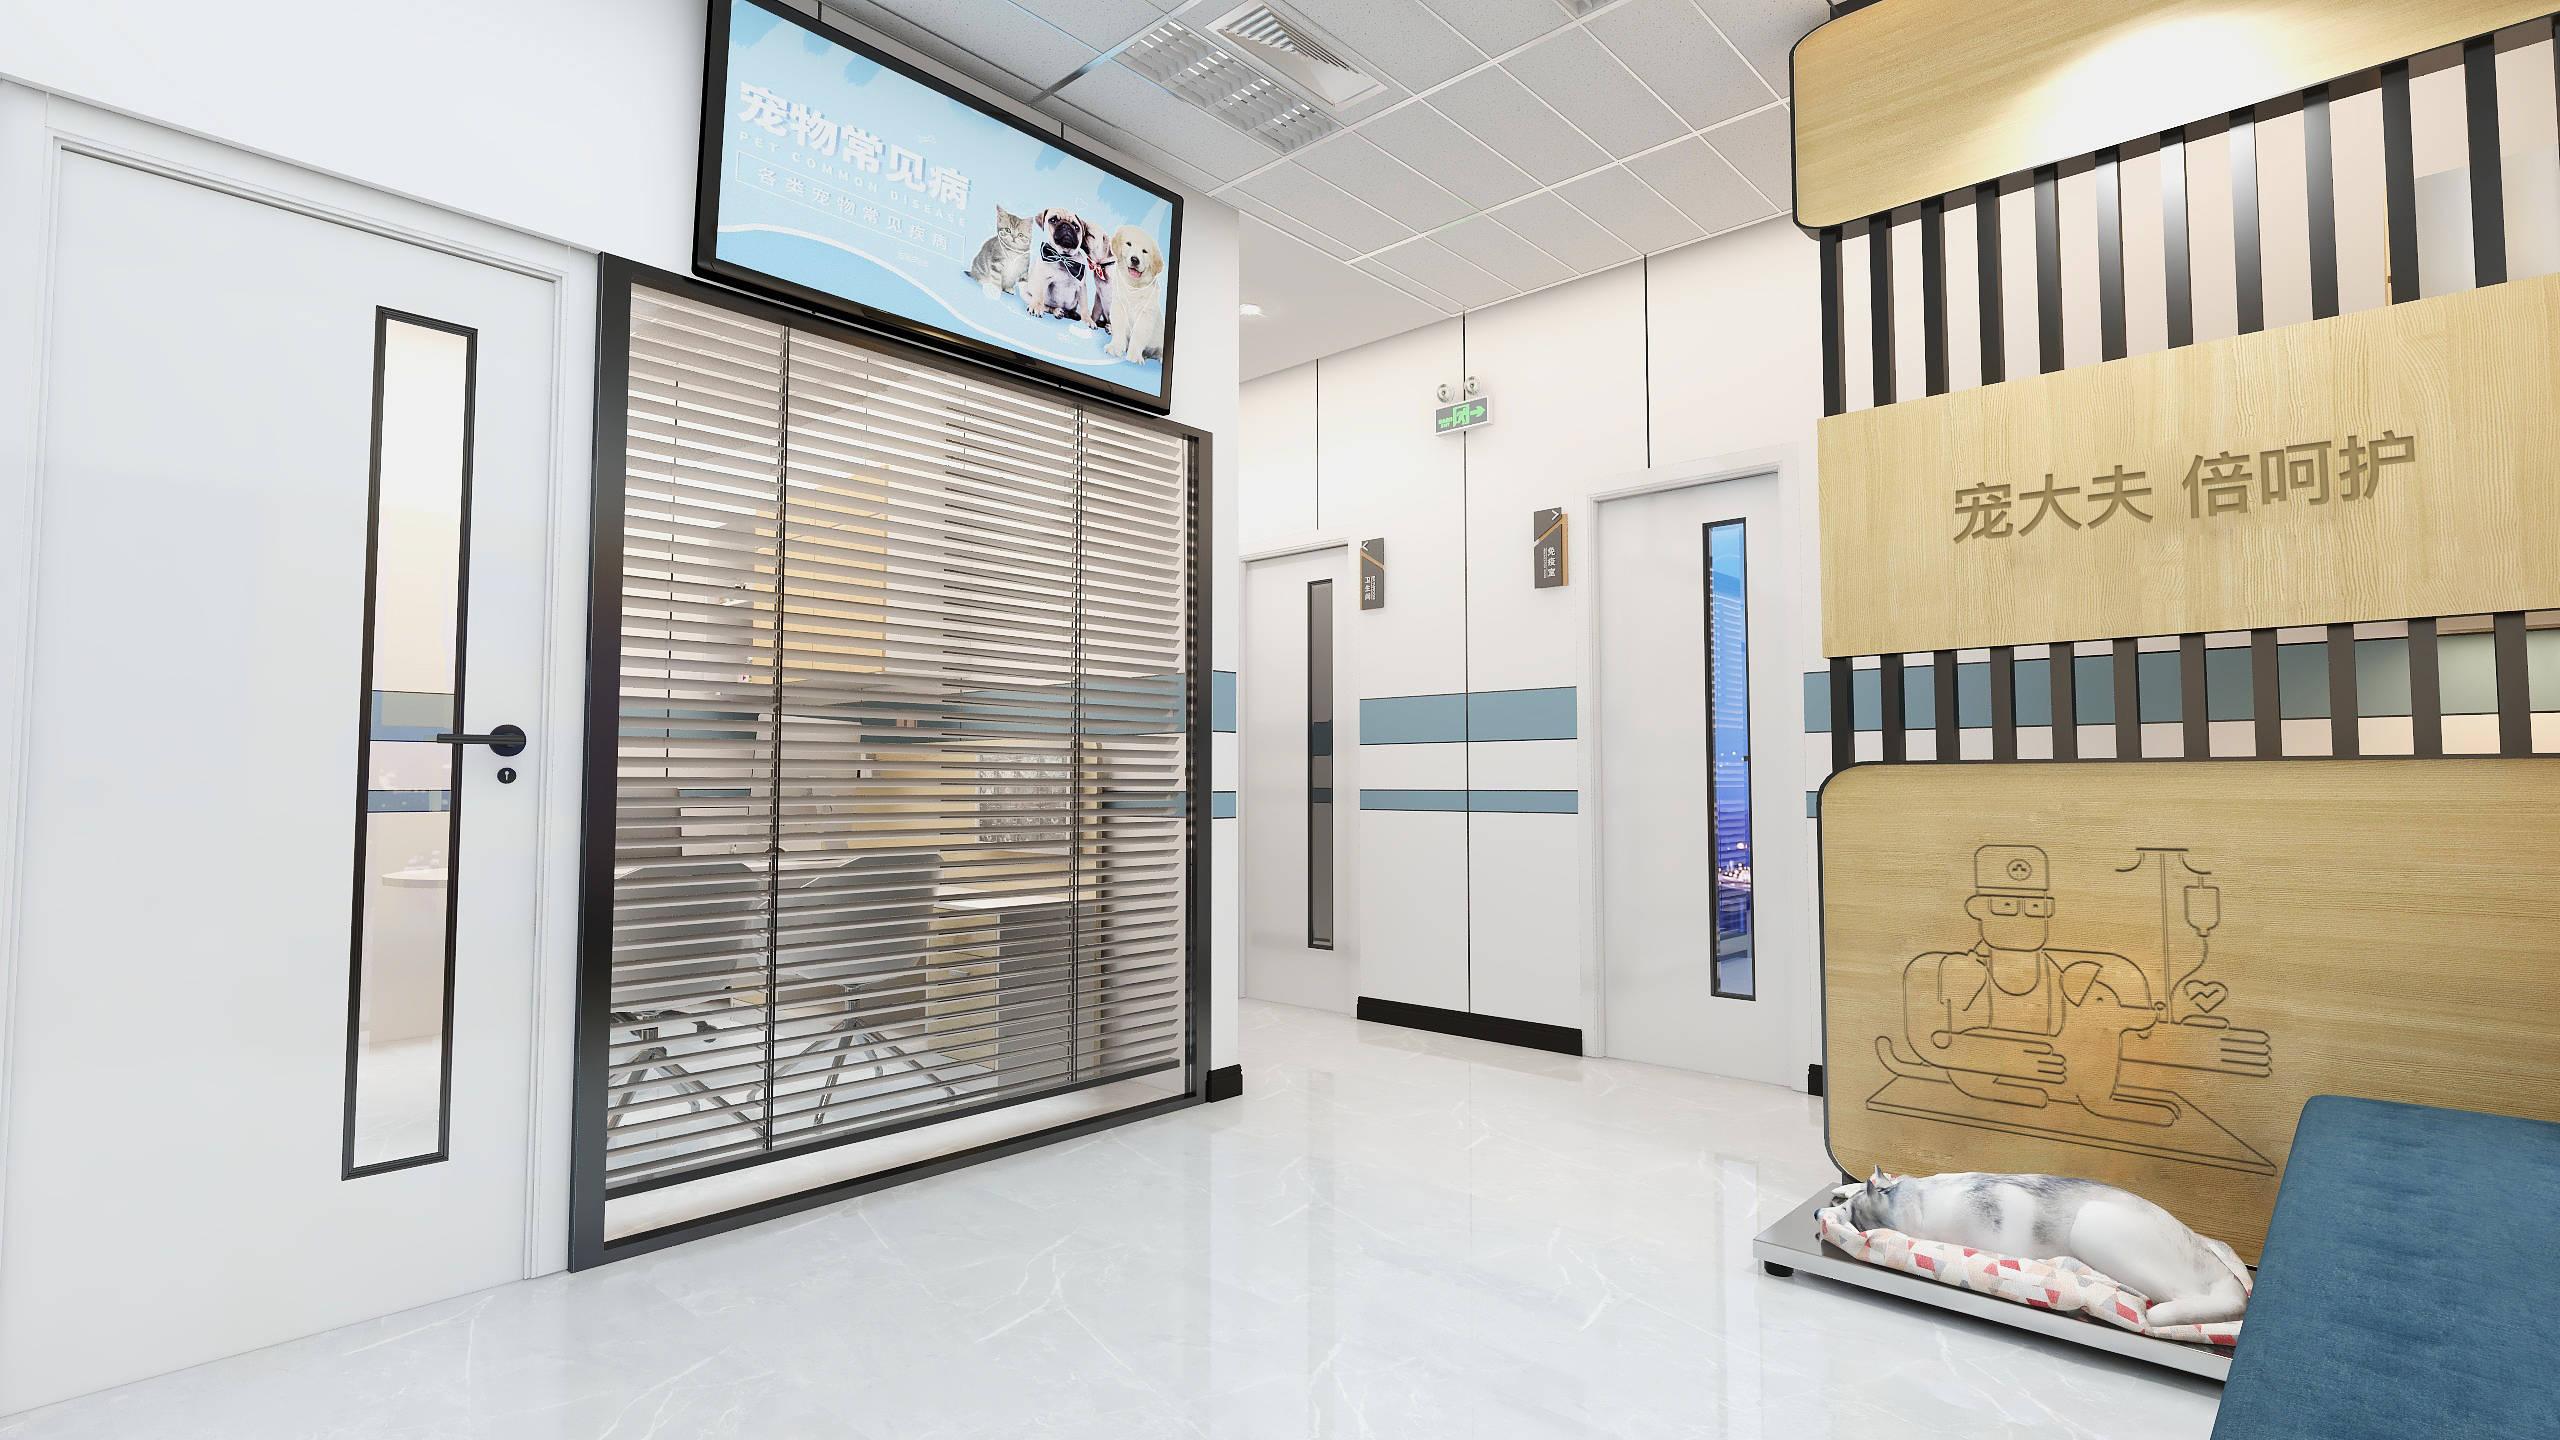 北京开一家宠物医院需要多少投资